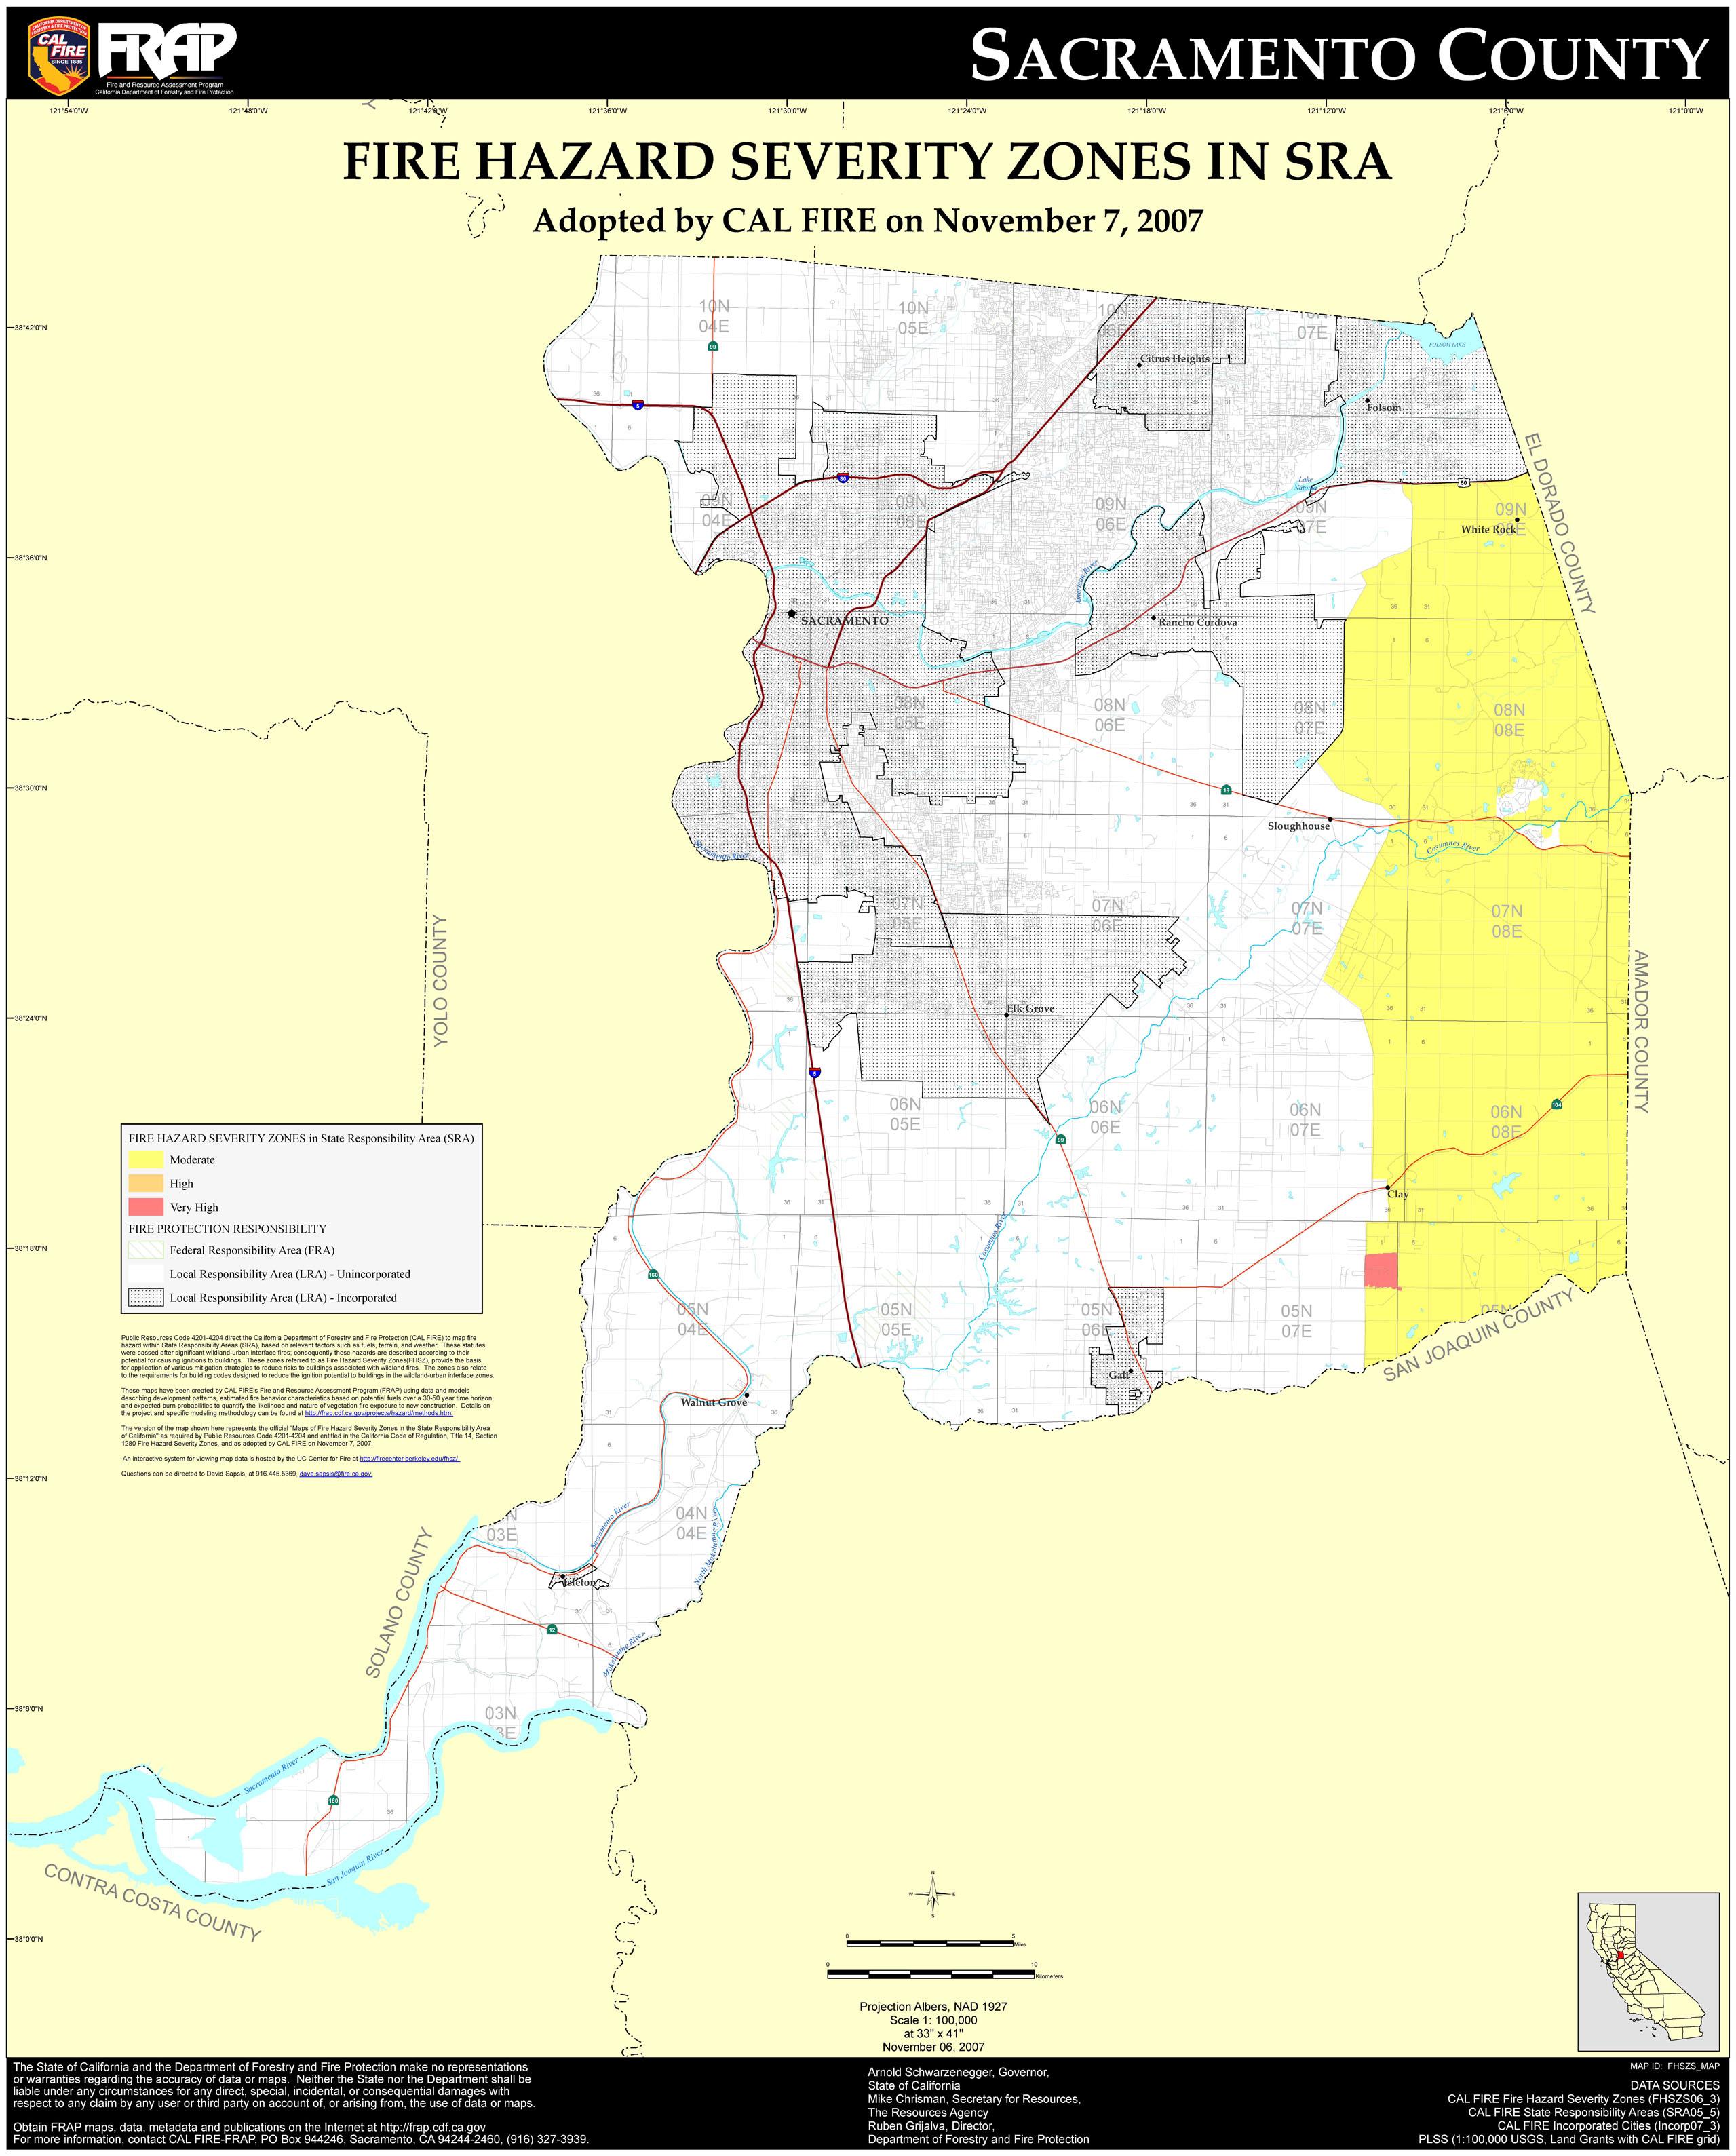 Map Of Sacramento California - Klipy - Map Of Sacramento County California